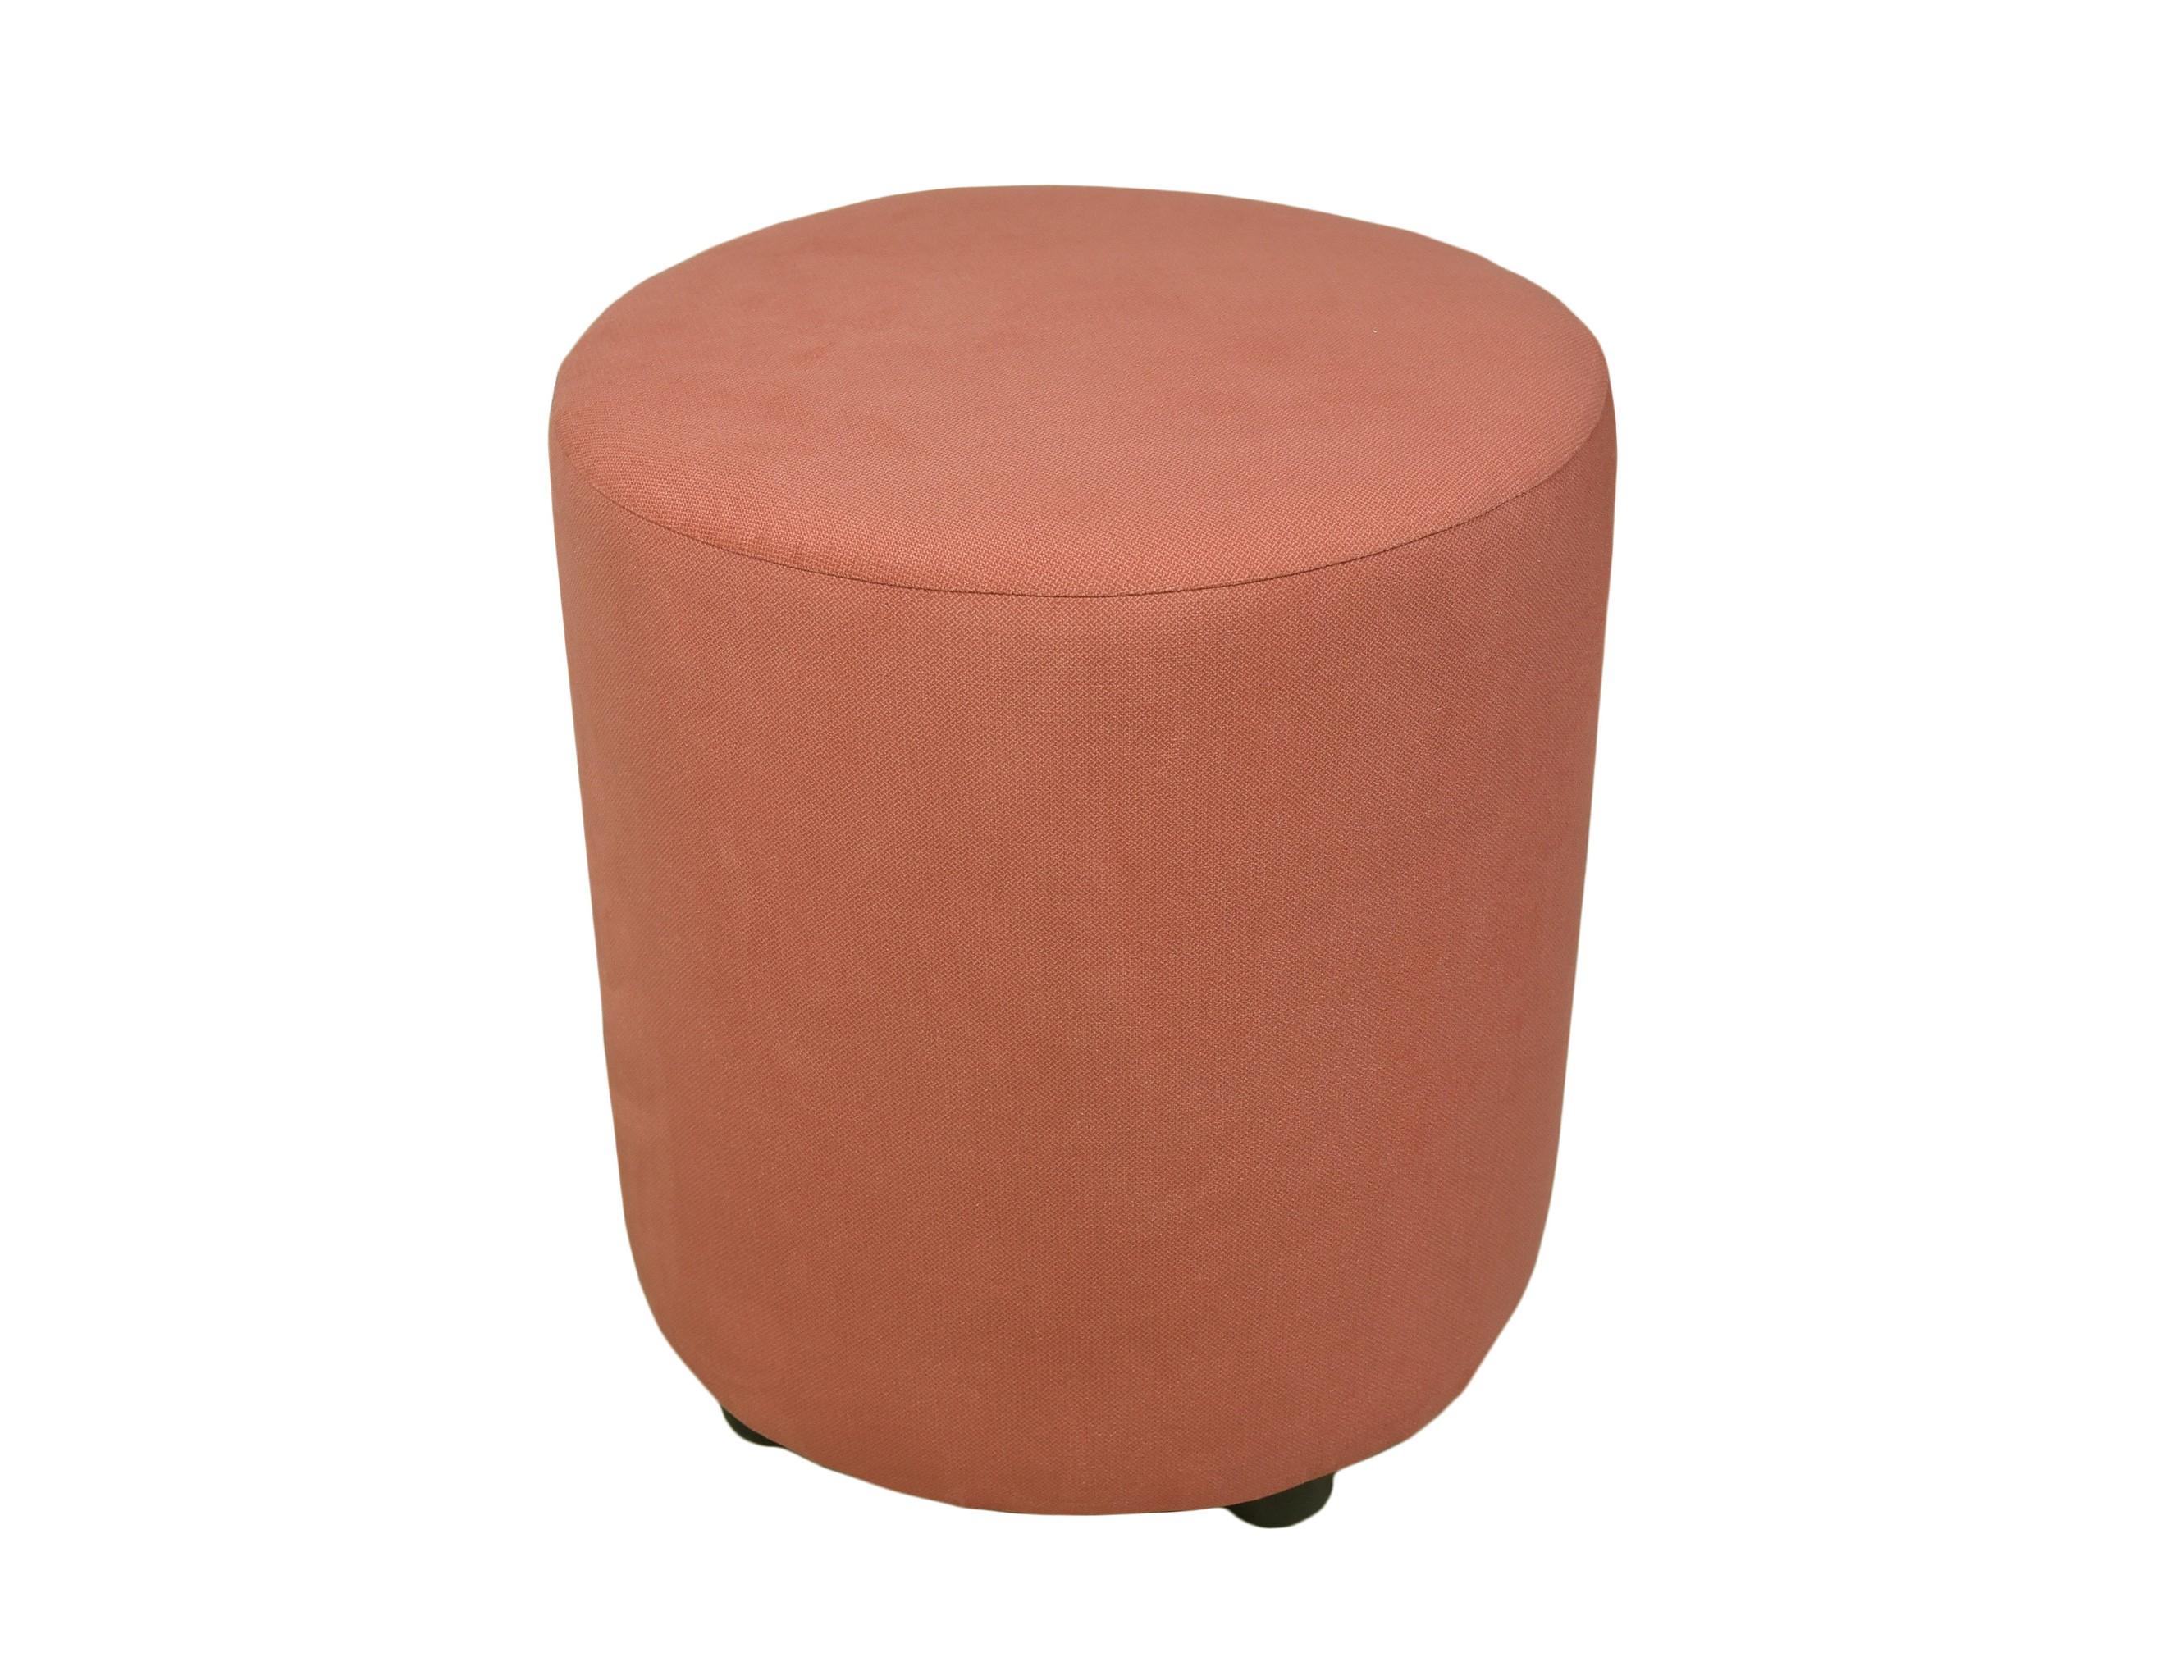 ПуфФорменные пуфы<br>Очень устойчивый пуф на деревянной основе станет незаменимым предметом декора или функциональной мебелью в вашем доме. А эксклюзивные ткани добавят изюминку в ваше пространство.<br><br>Material: Текстиль<br>Length см: None<br>Depth см: None<br>Height см: 45<br>Diameter см: 40